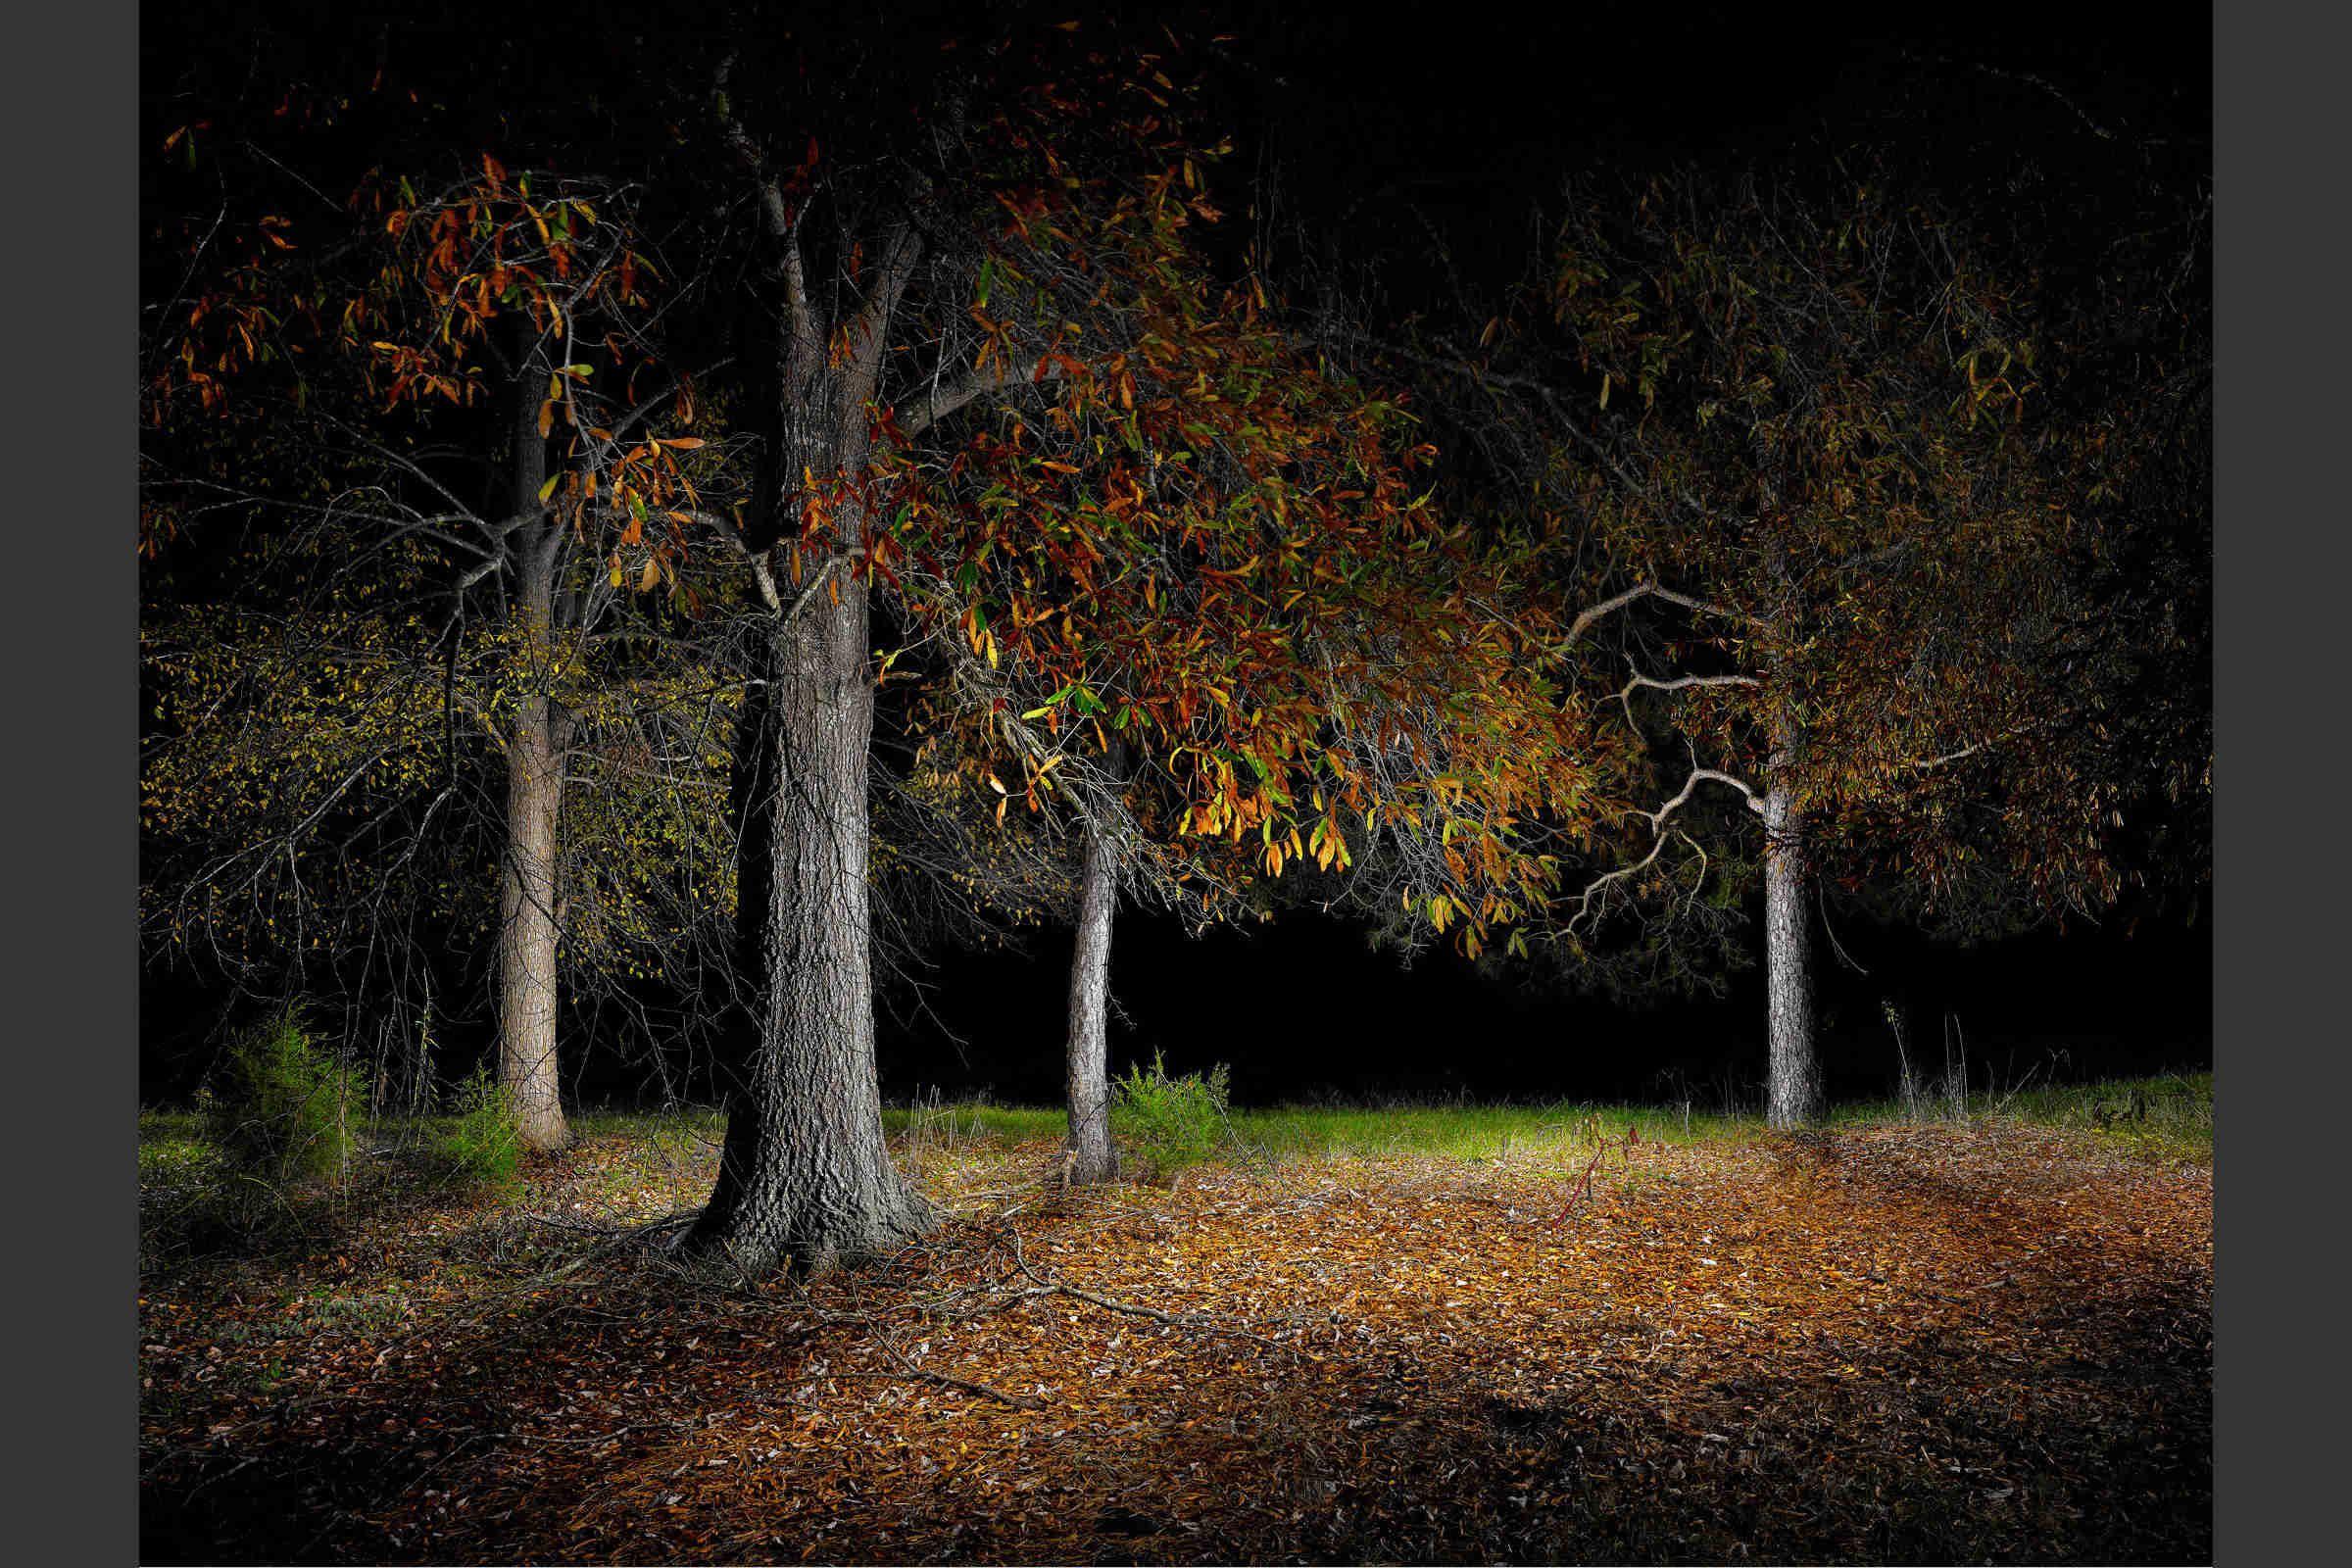 Landscape #5 by Harold Ross